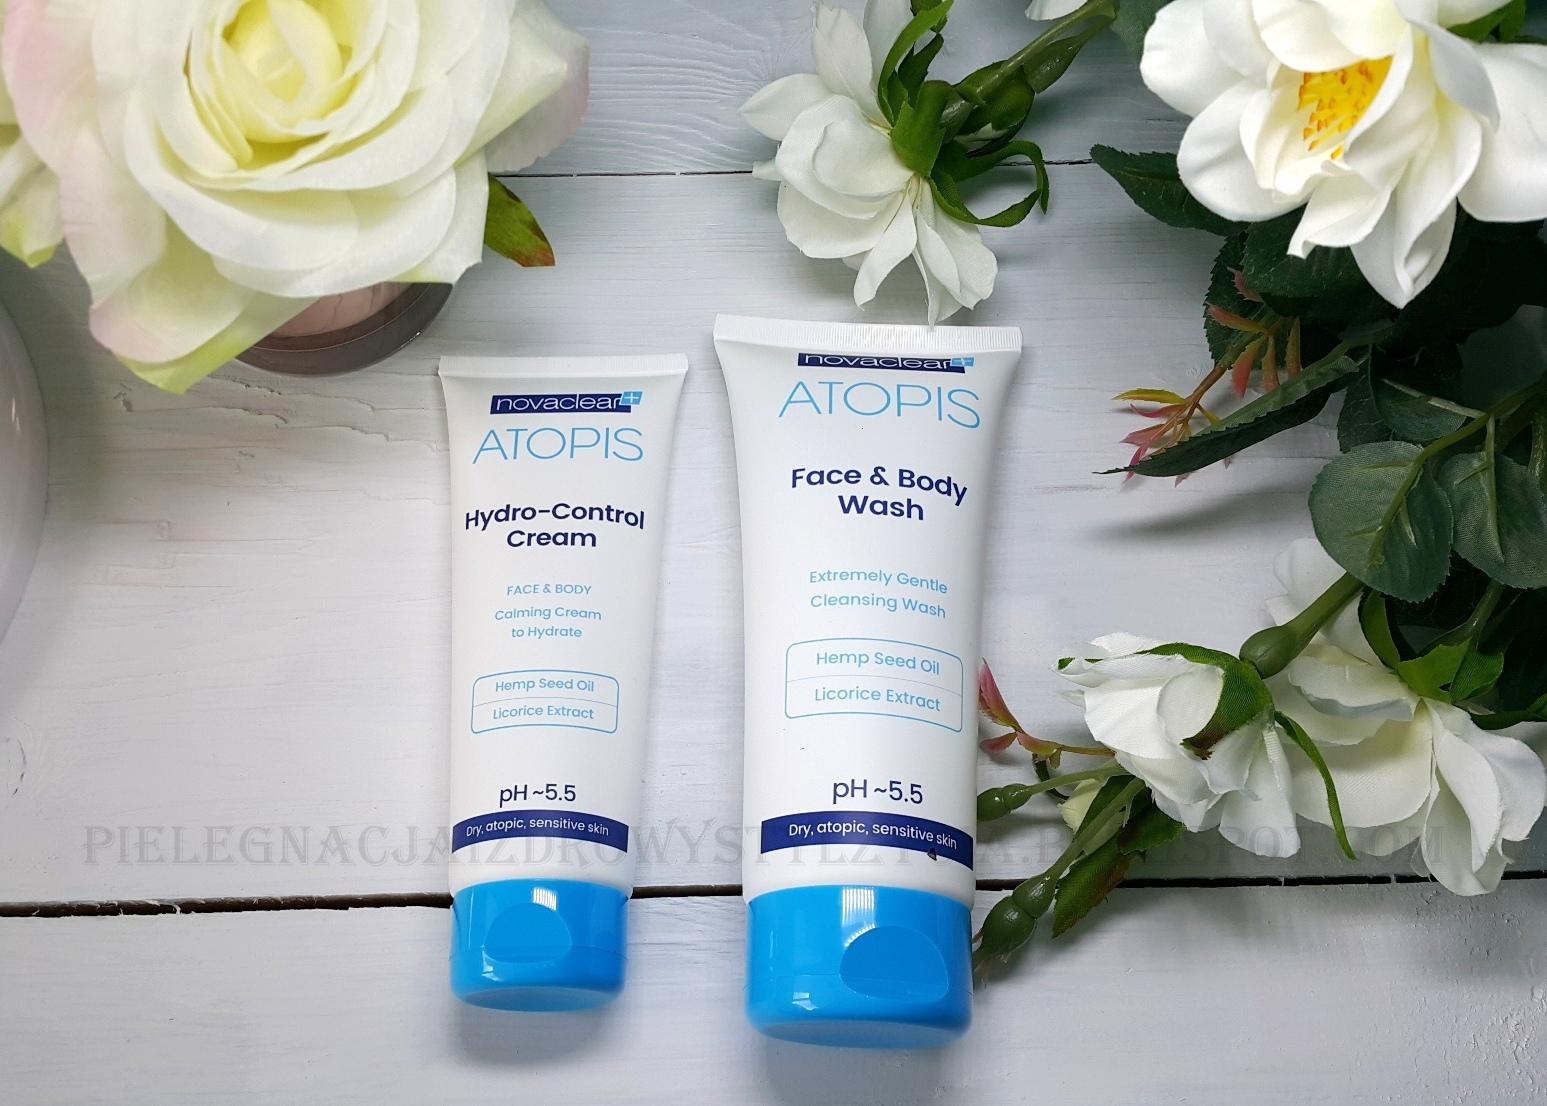 Atopis Novaclear - płyn do mycia i krem do twarzy i ciała | Pielęgnacja skóry atopowej, suchej i wrażliwej